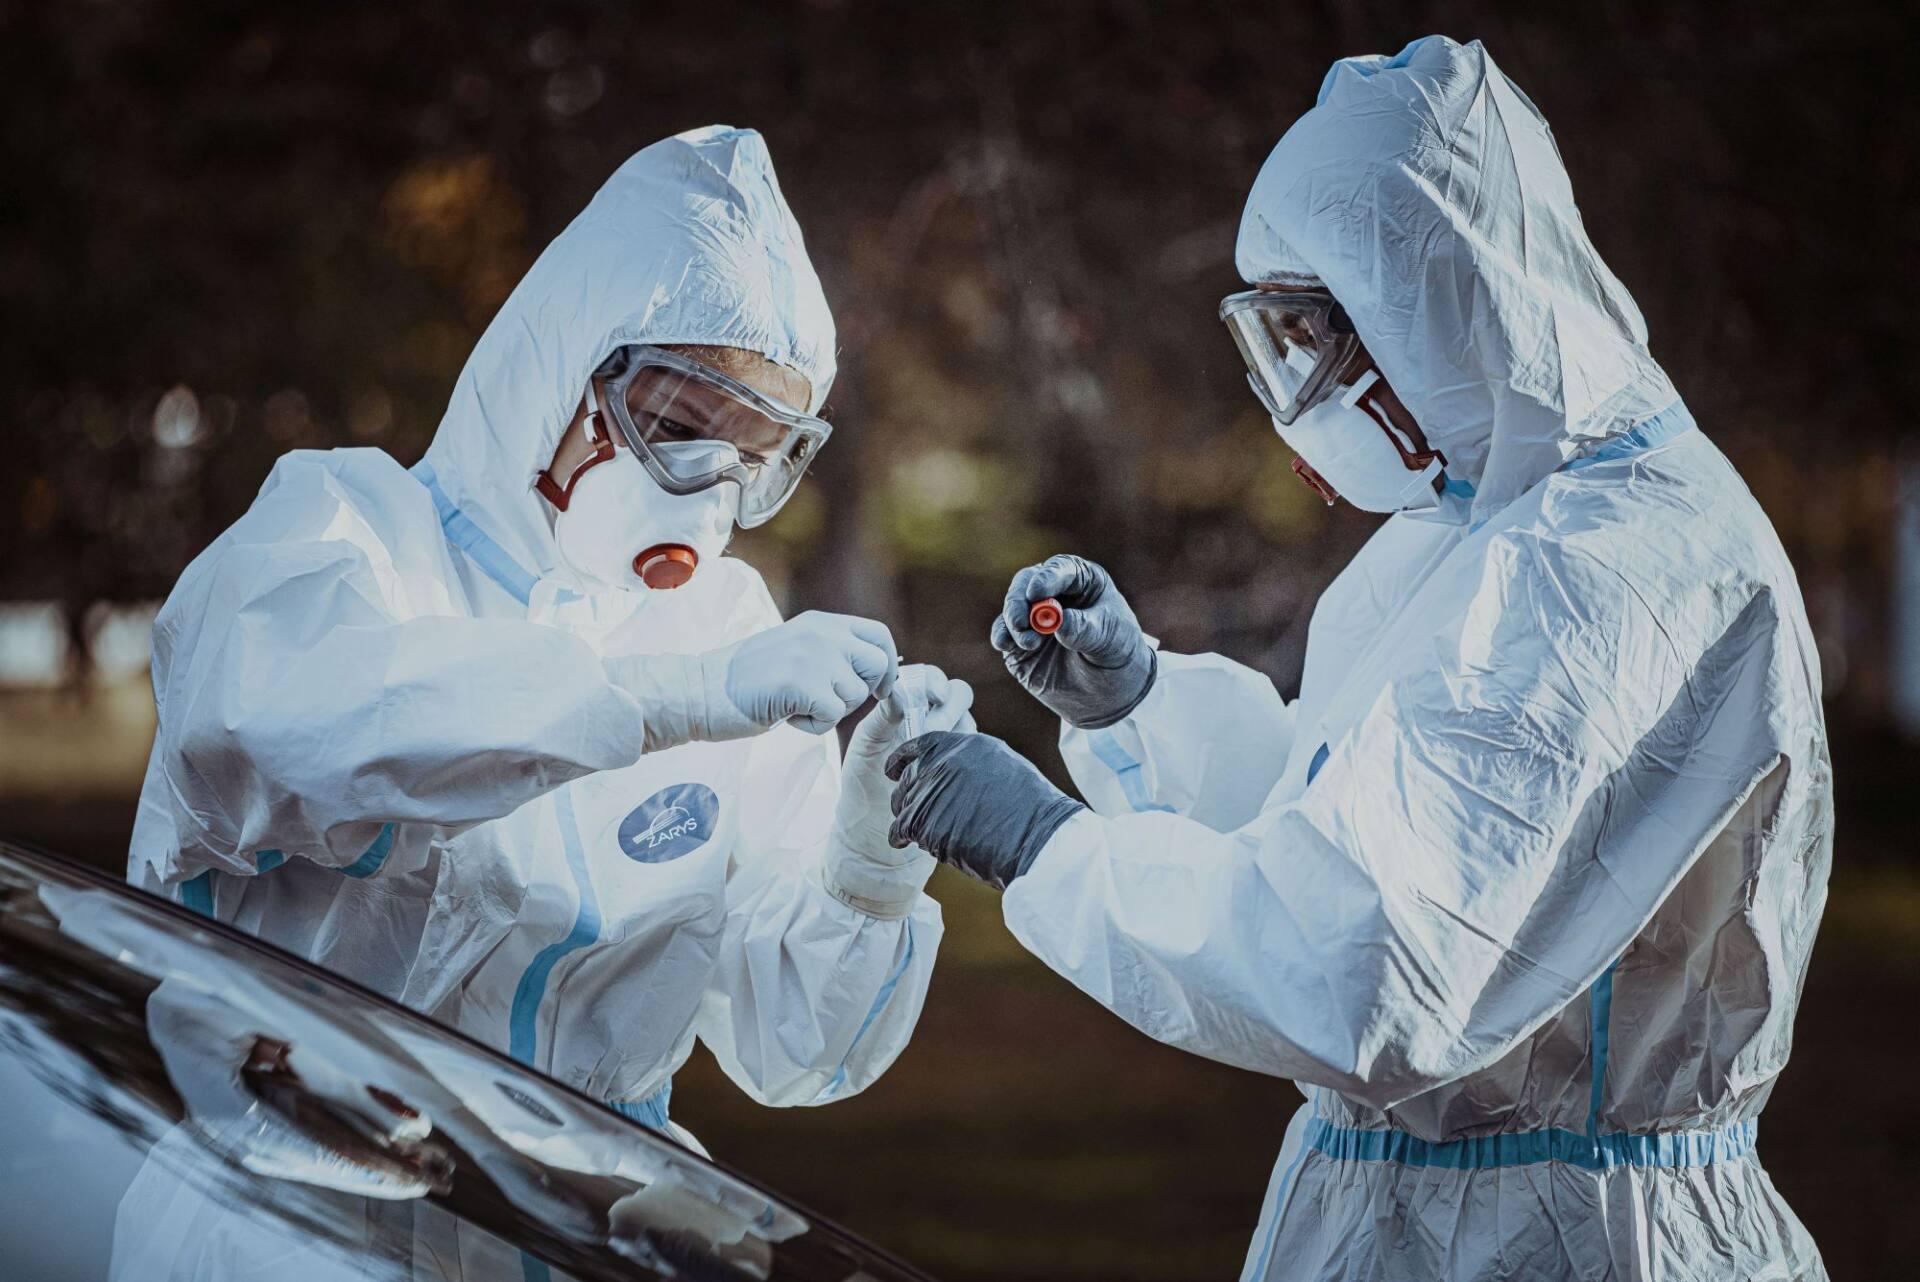 wotzwieksza zaangazowanie 6 WOT zwiększa zaangażowanie w walkę z koronawirusem